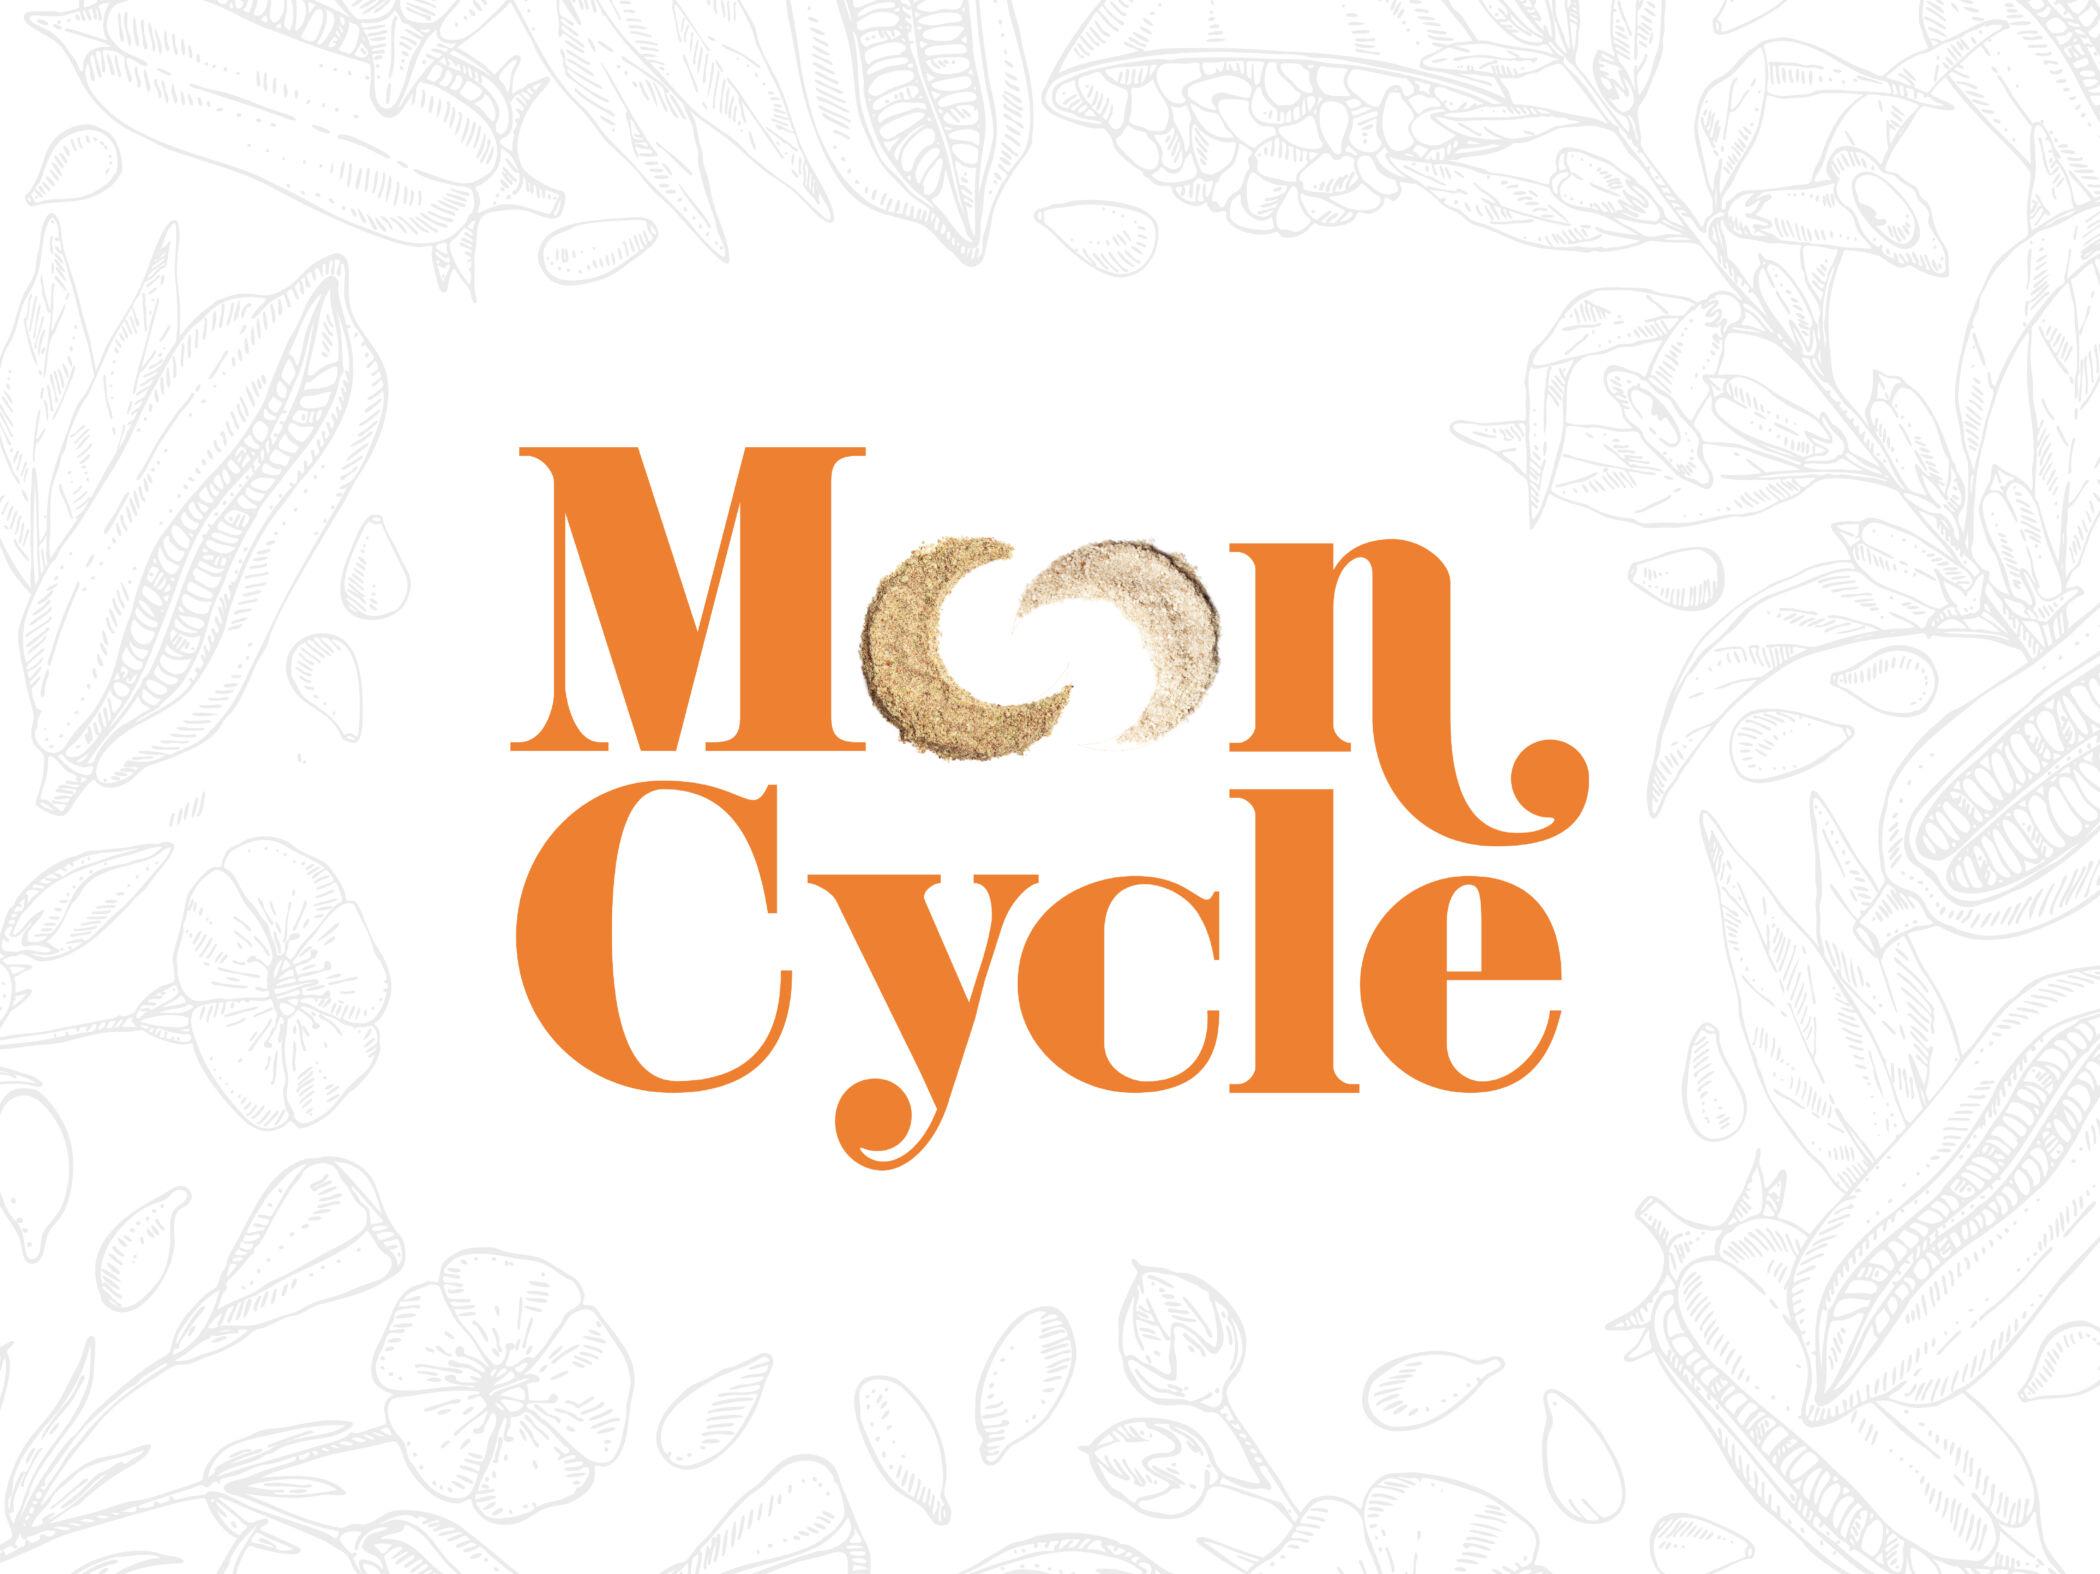 mooncycle seed co logo